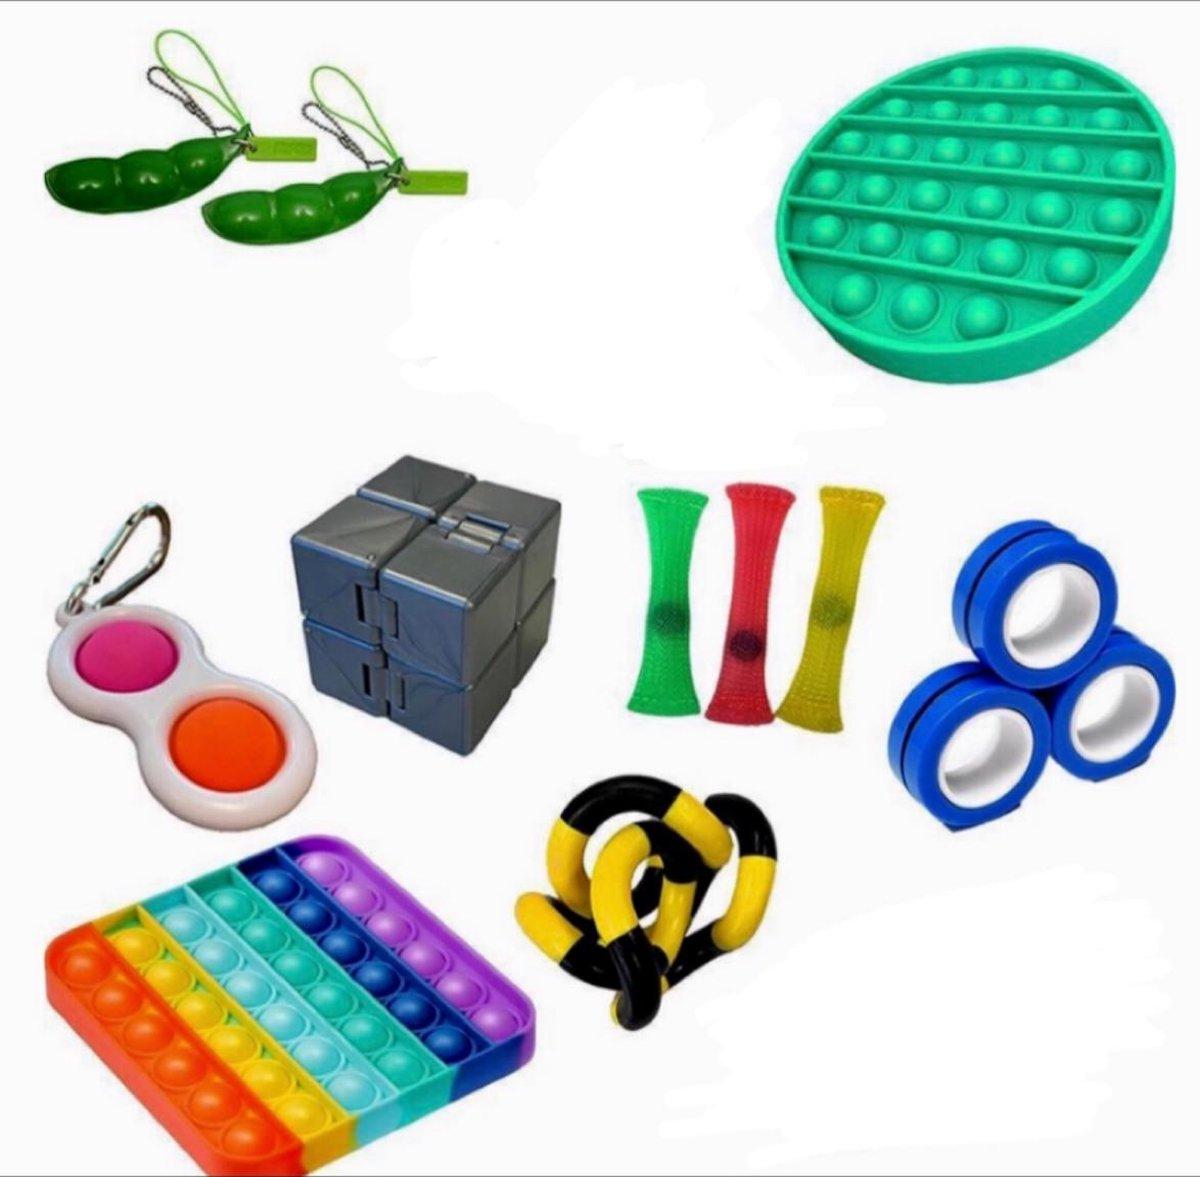 Pop it Fidget toys pakket set - Pop it - Pop All Up® - 13 Delig - Simple dimple  - Twister - Infinit